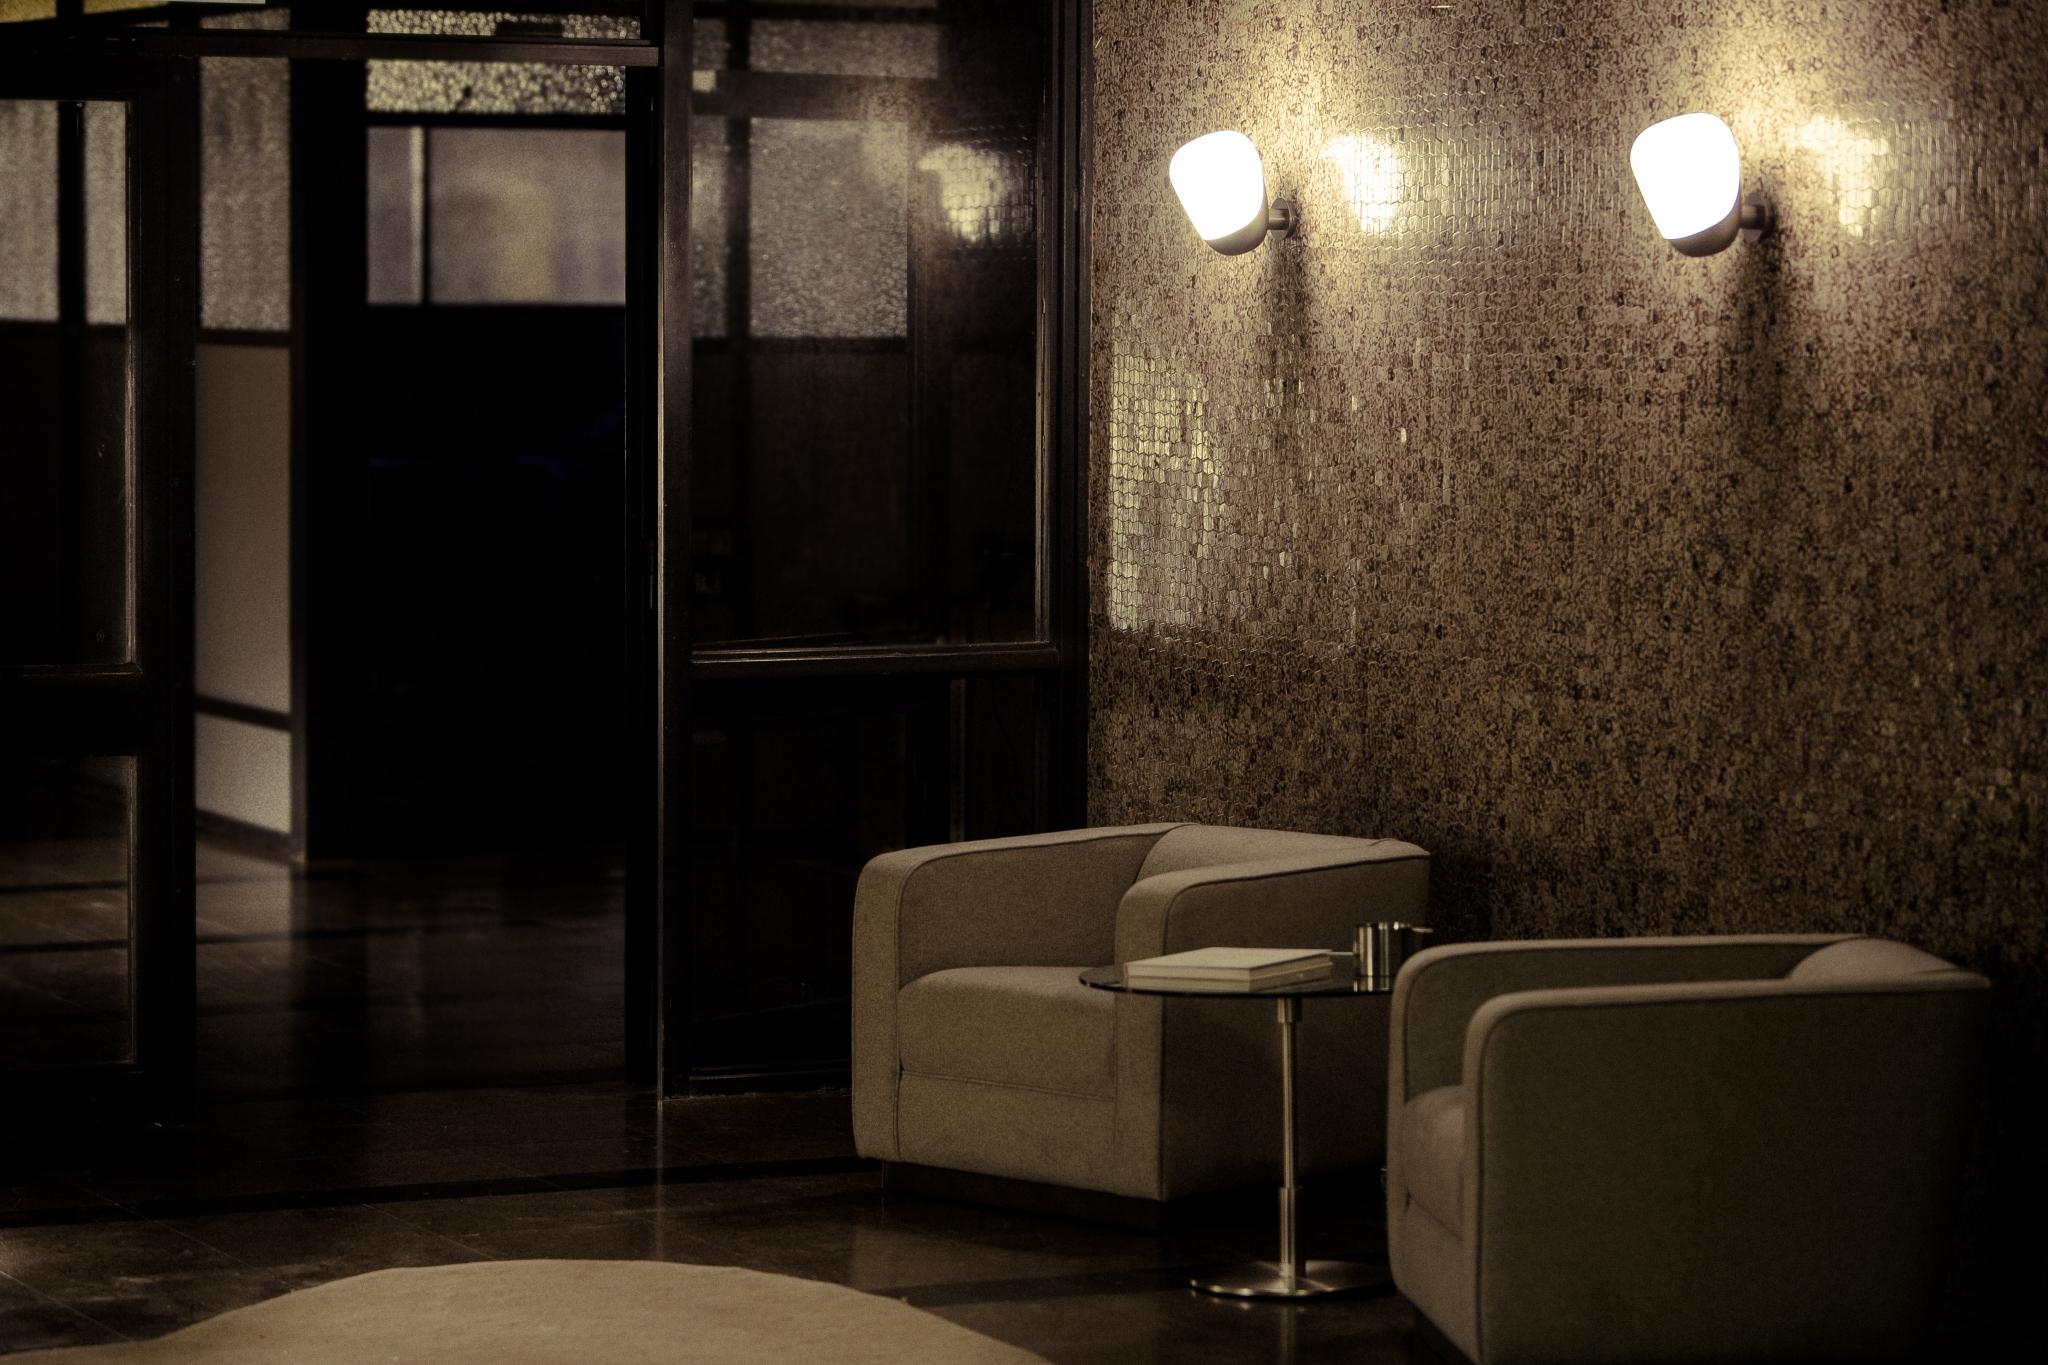 lampara Aarhus de pared diseño de Arne jacobsen